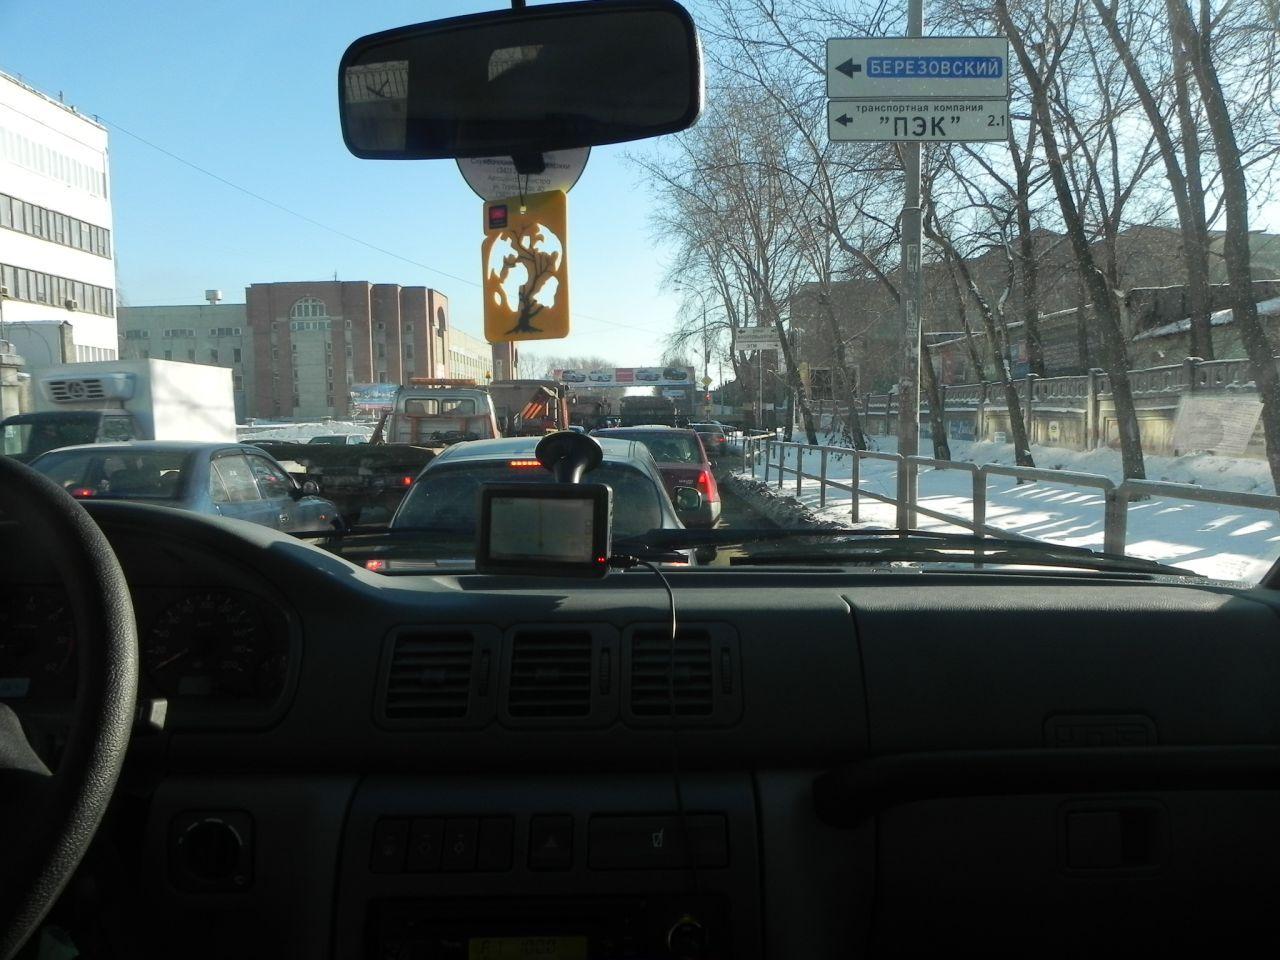 Екатеринбург, обзор из кабины...